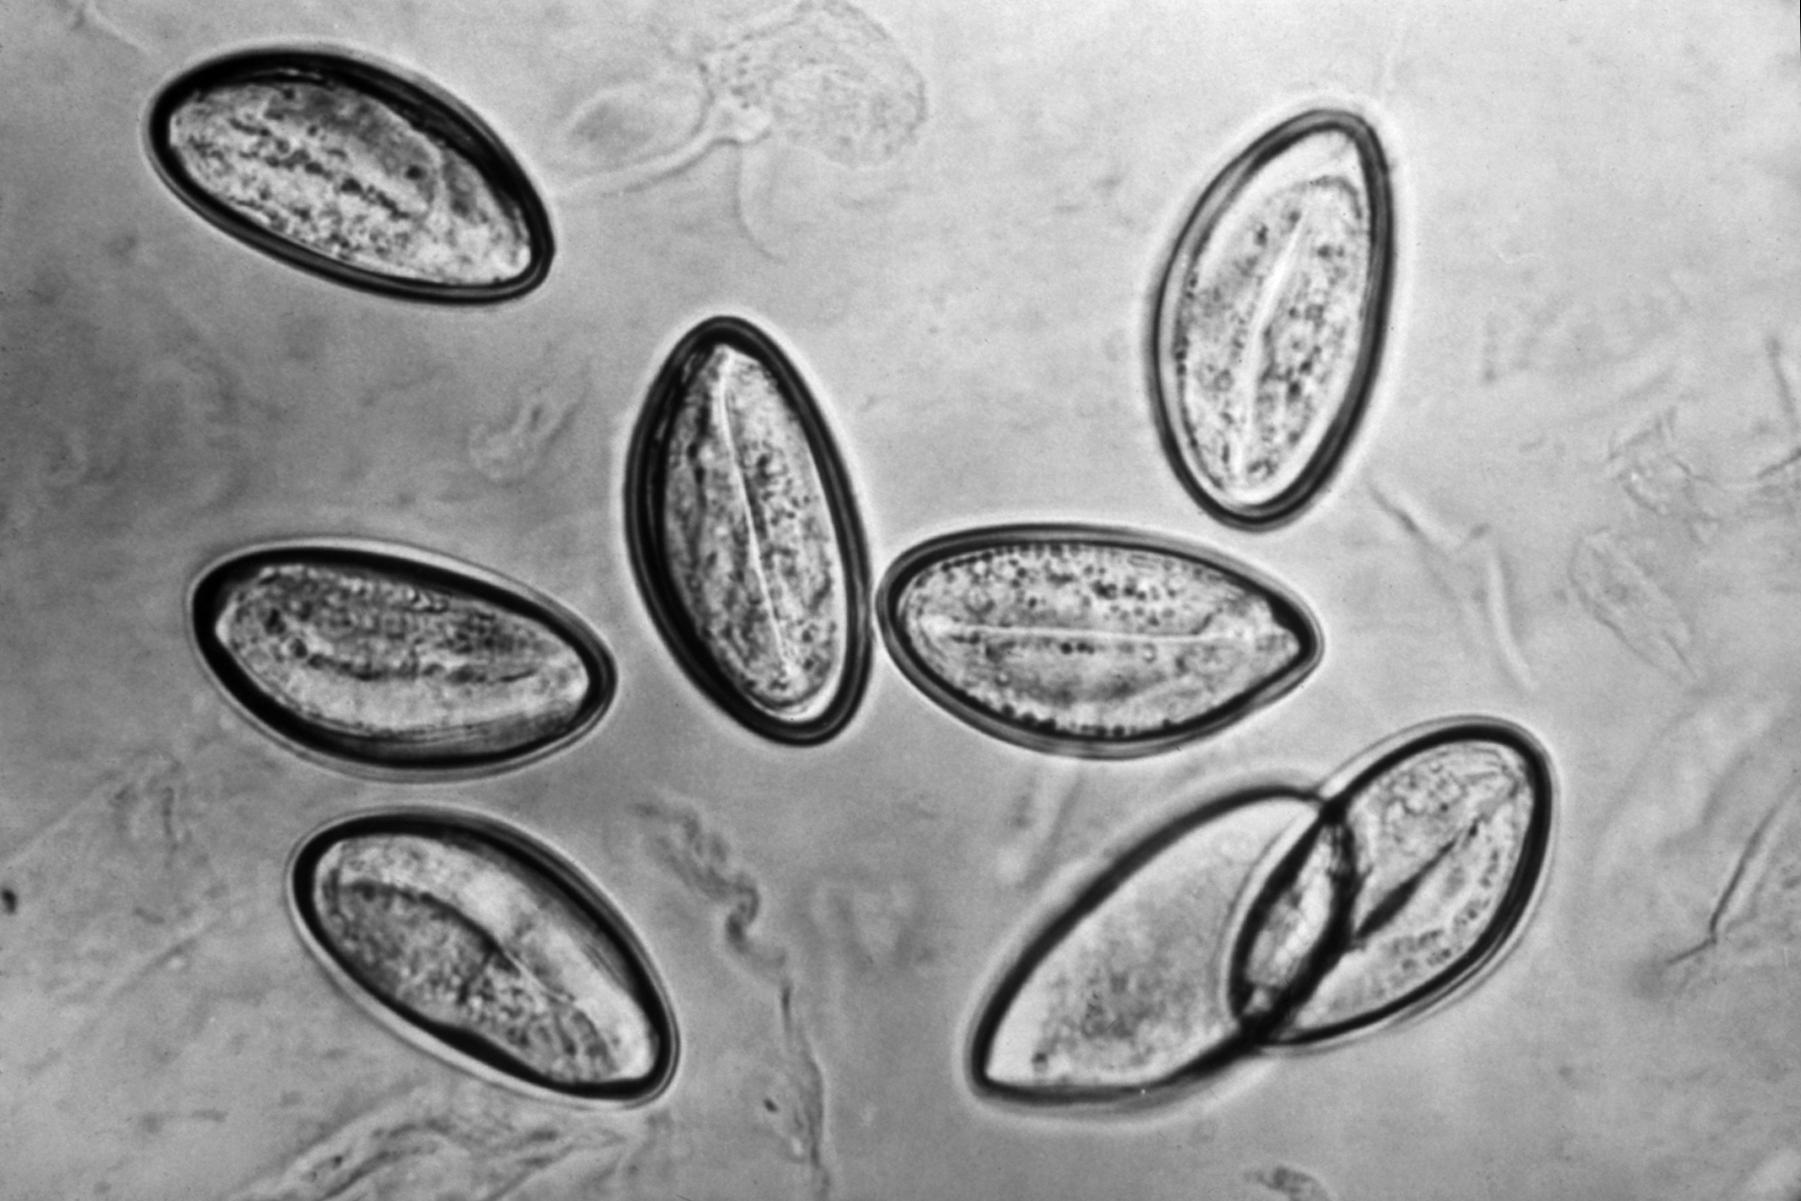 parazita infectioasa maj hpv impfung jungen hkk